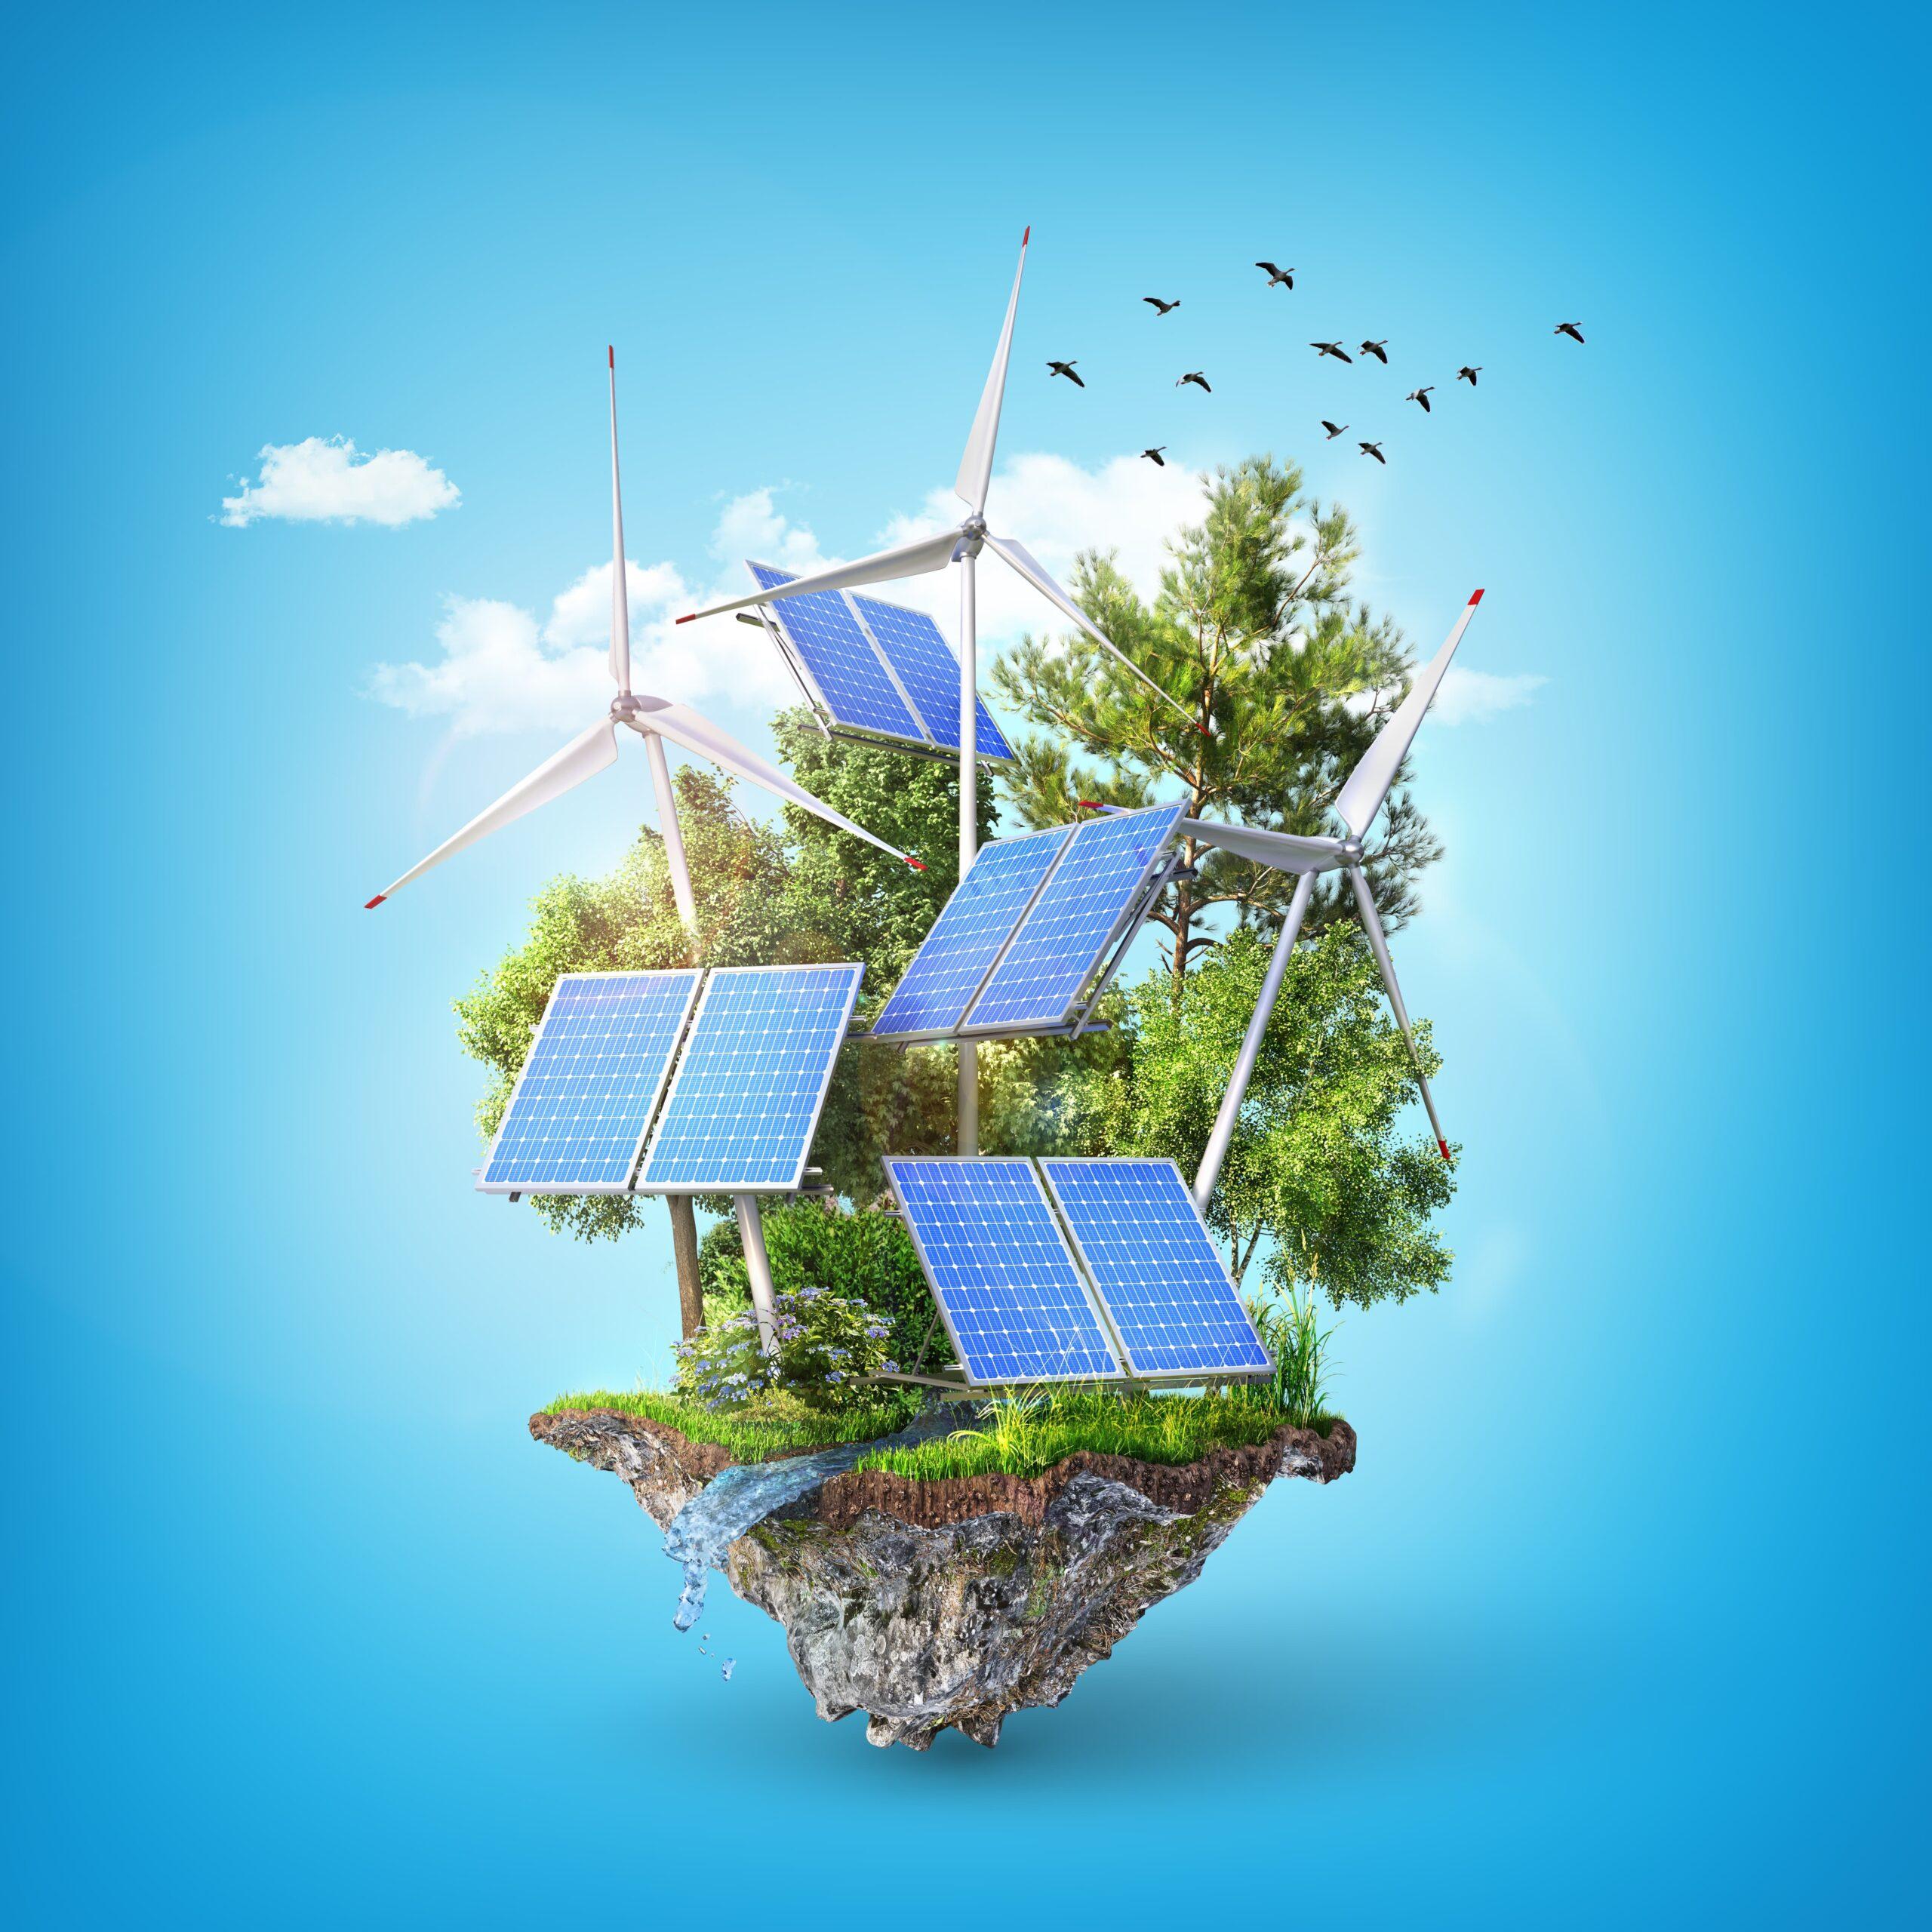 Nos 4 bonnes raisons d'économiser de l'énergie en 2021